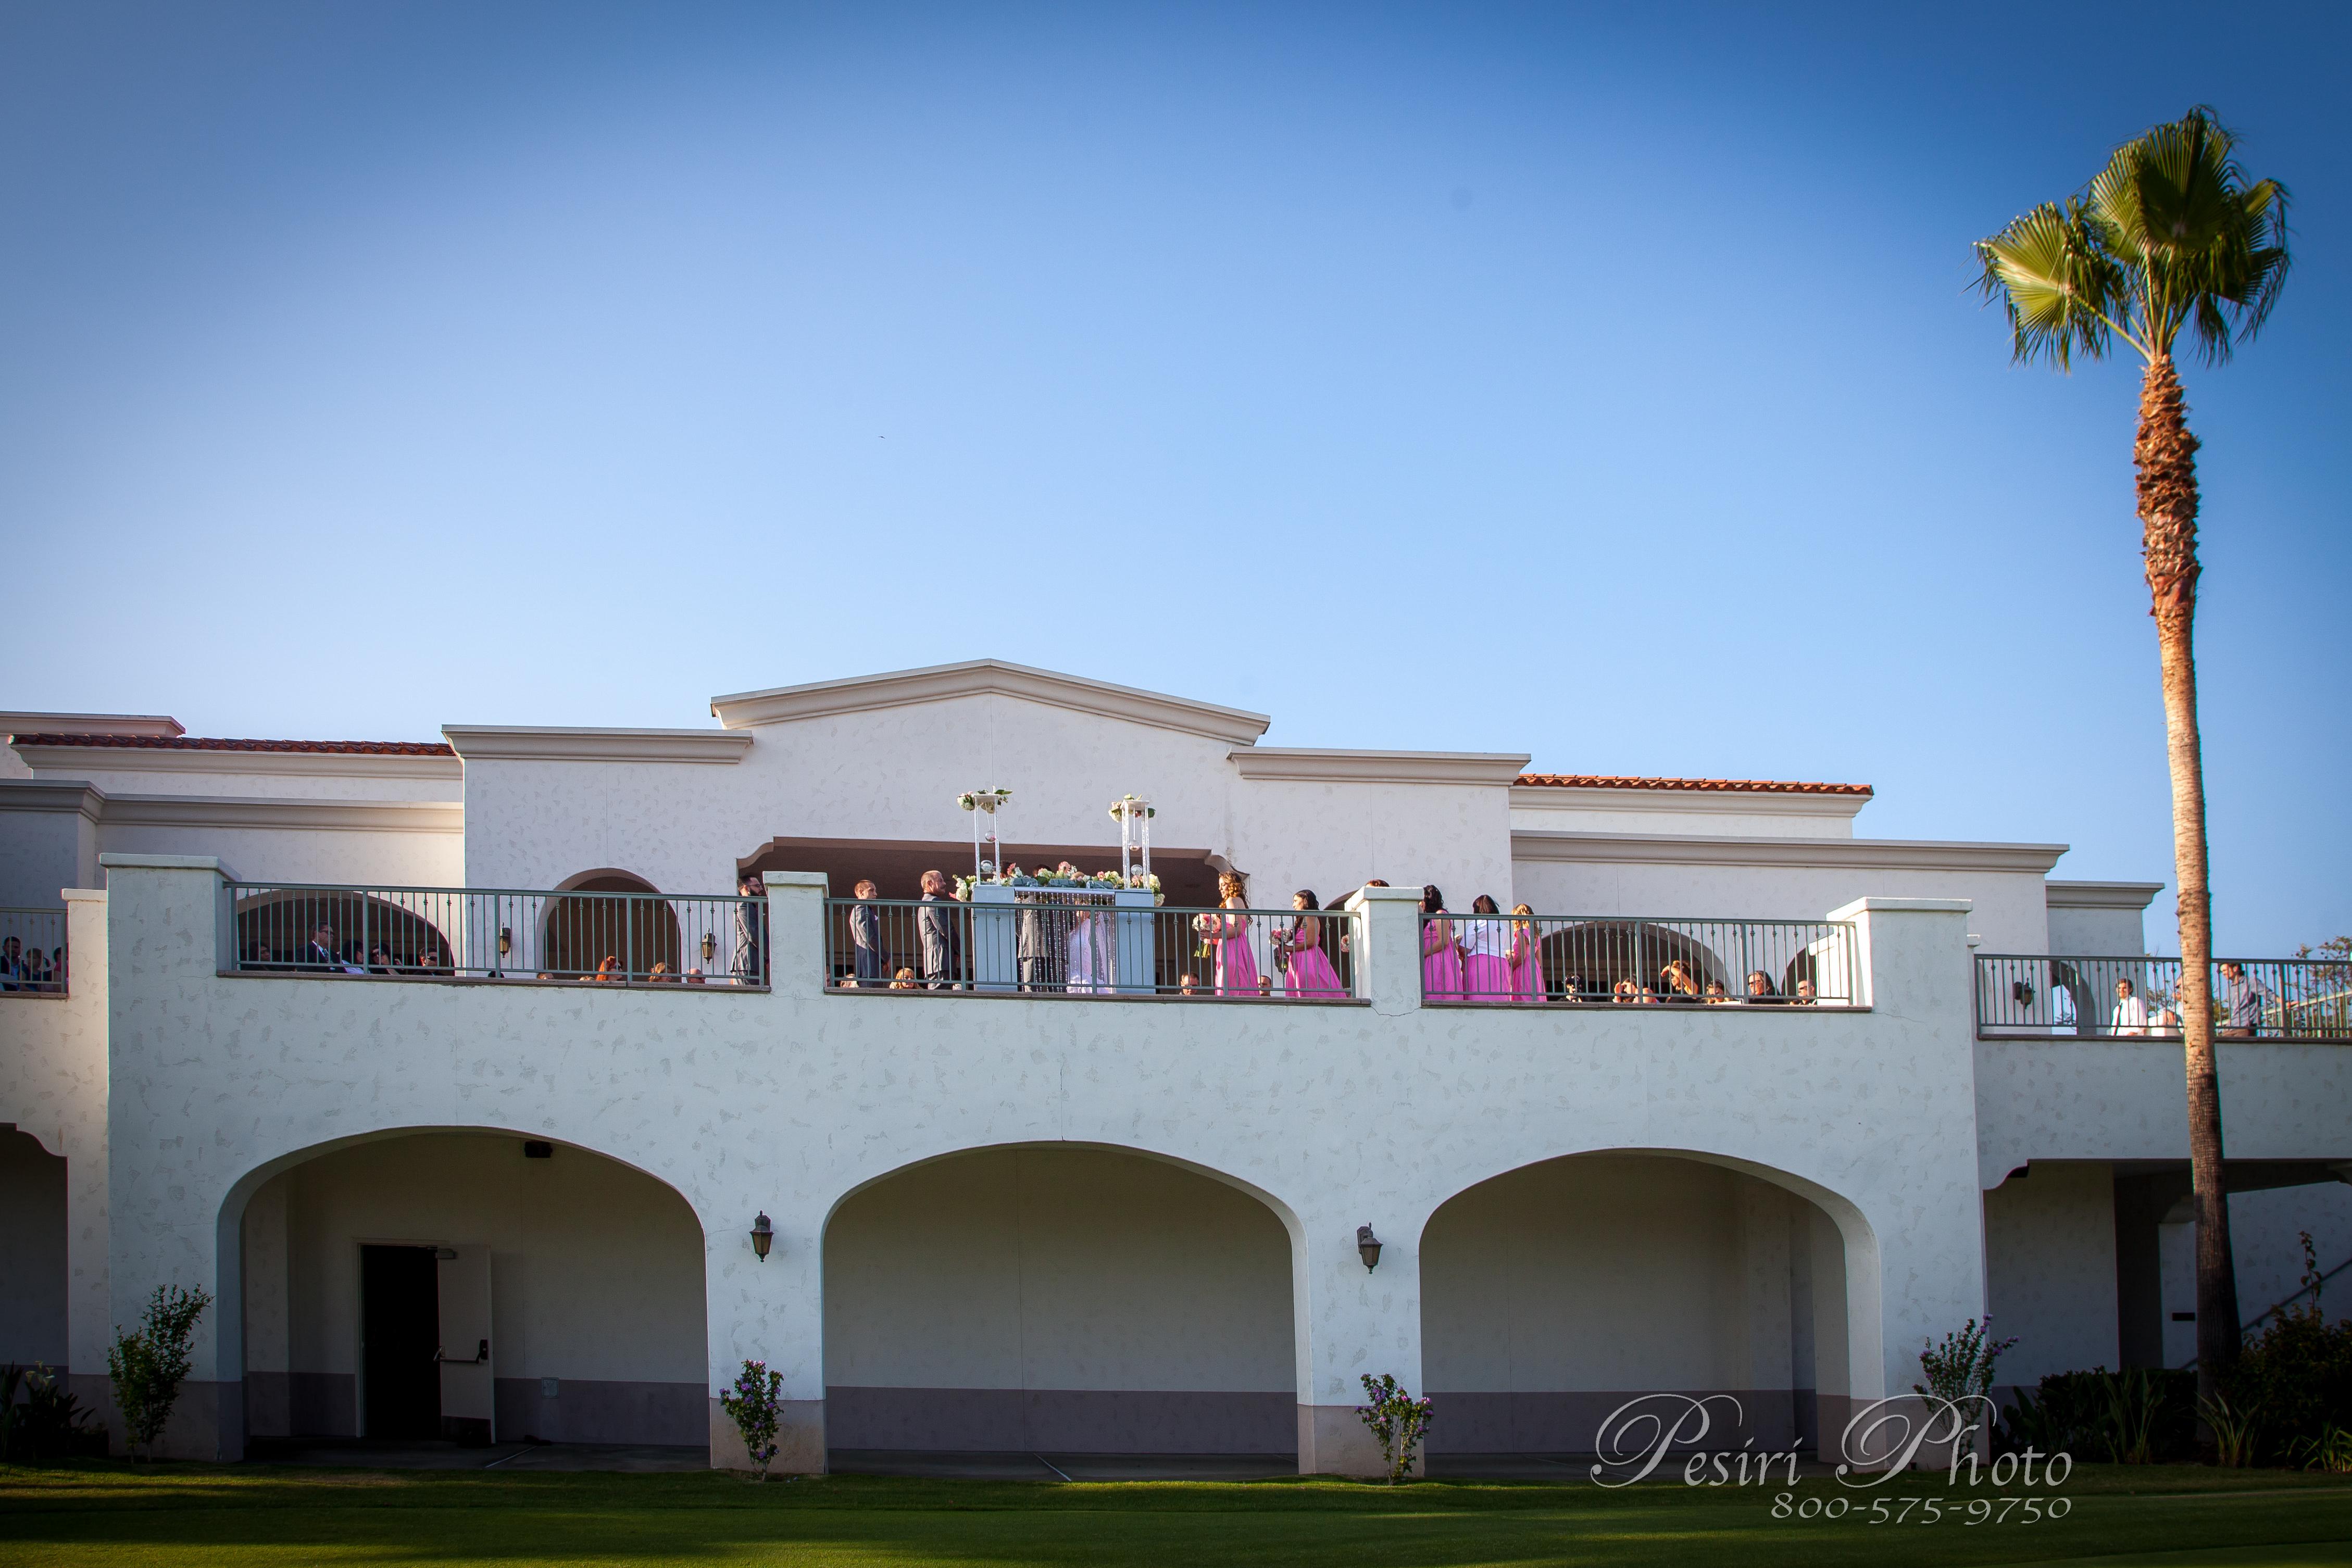 Los Coyotes weddings By Pesiri Photo B-59